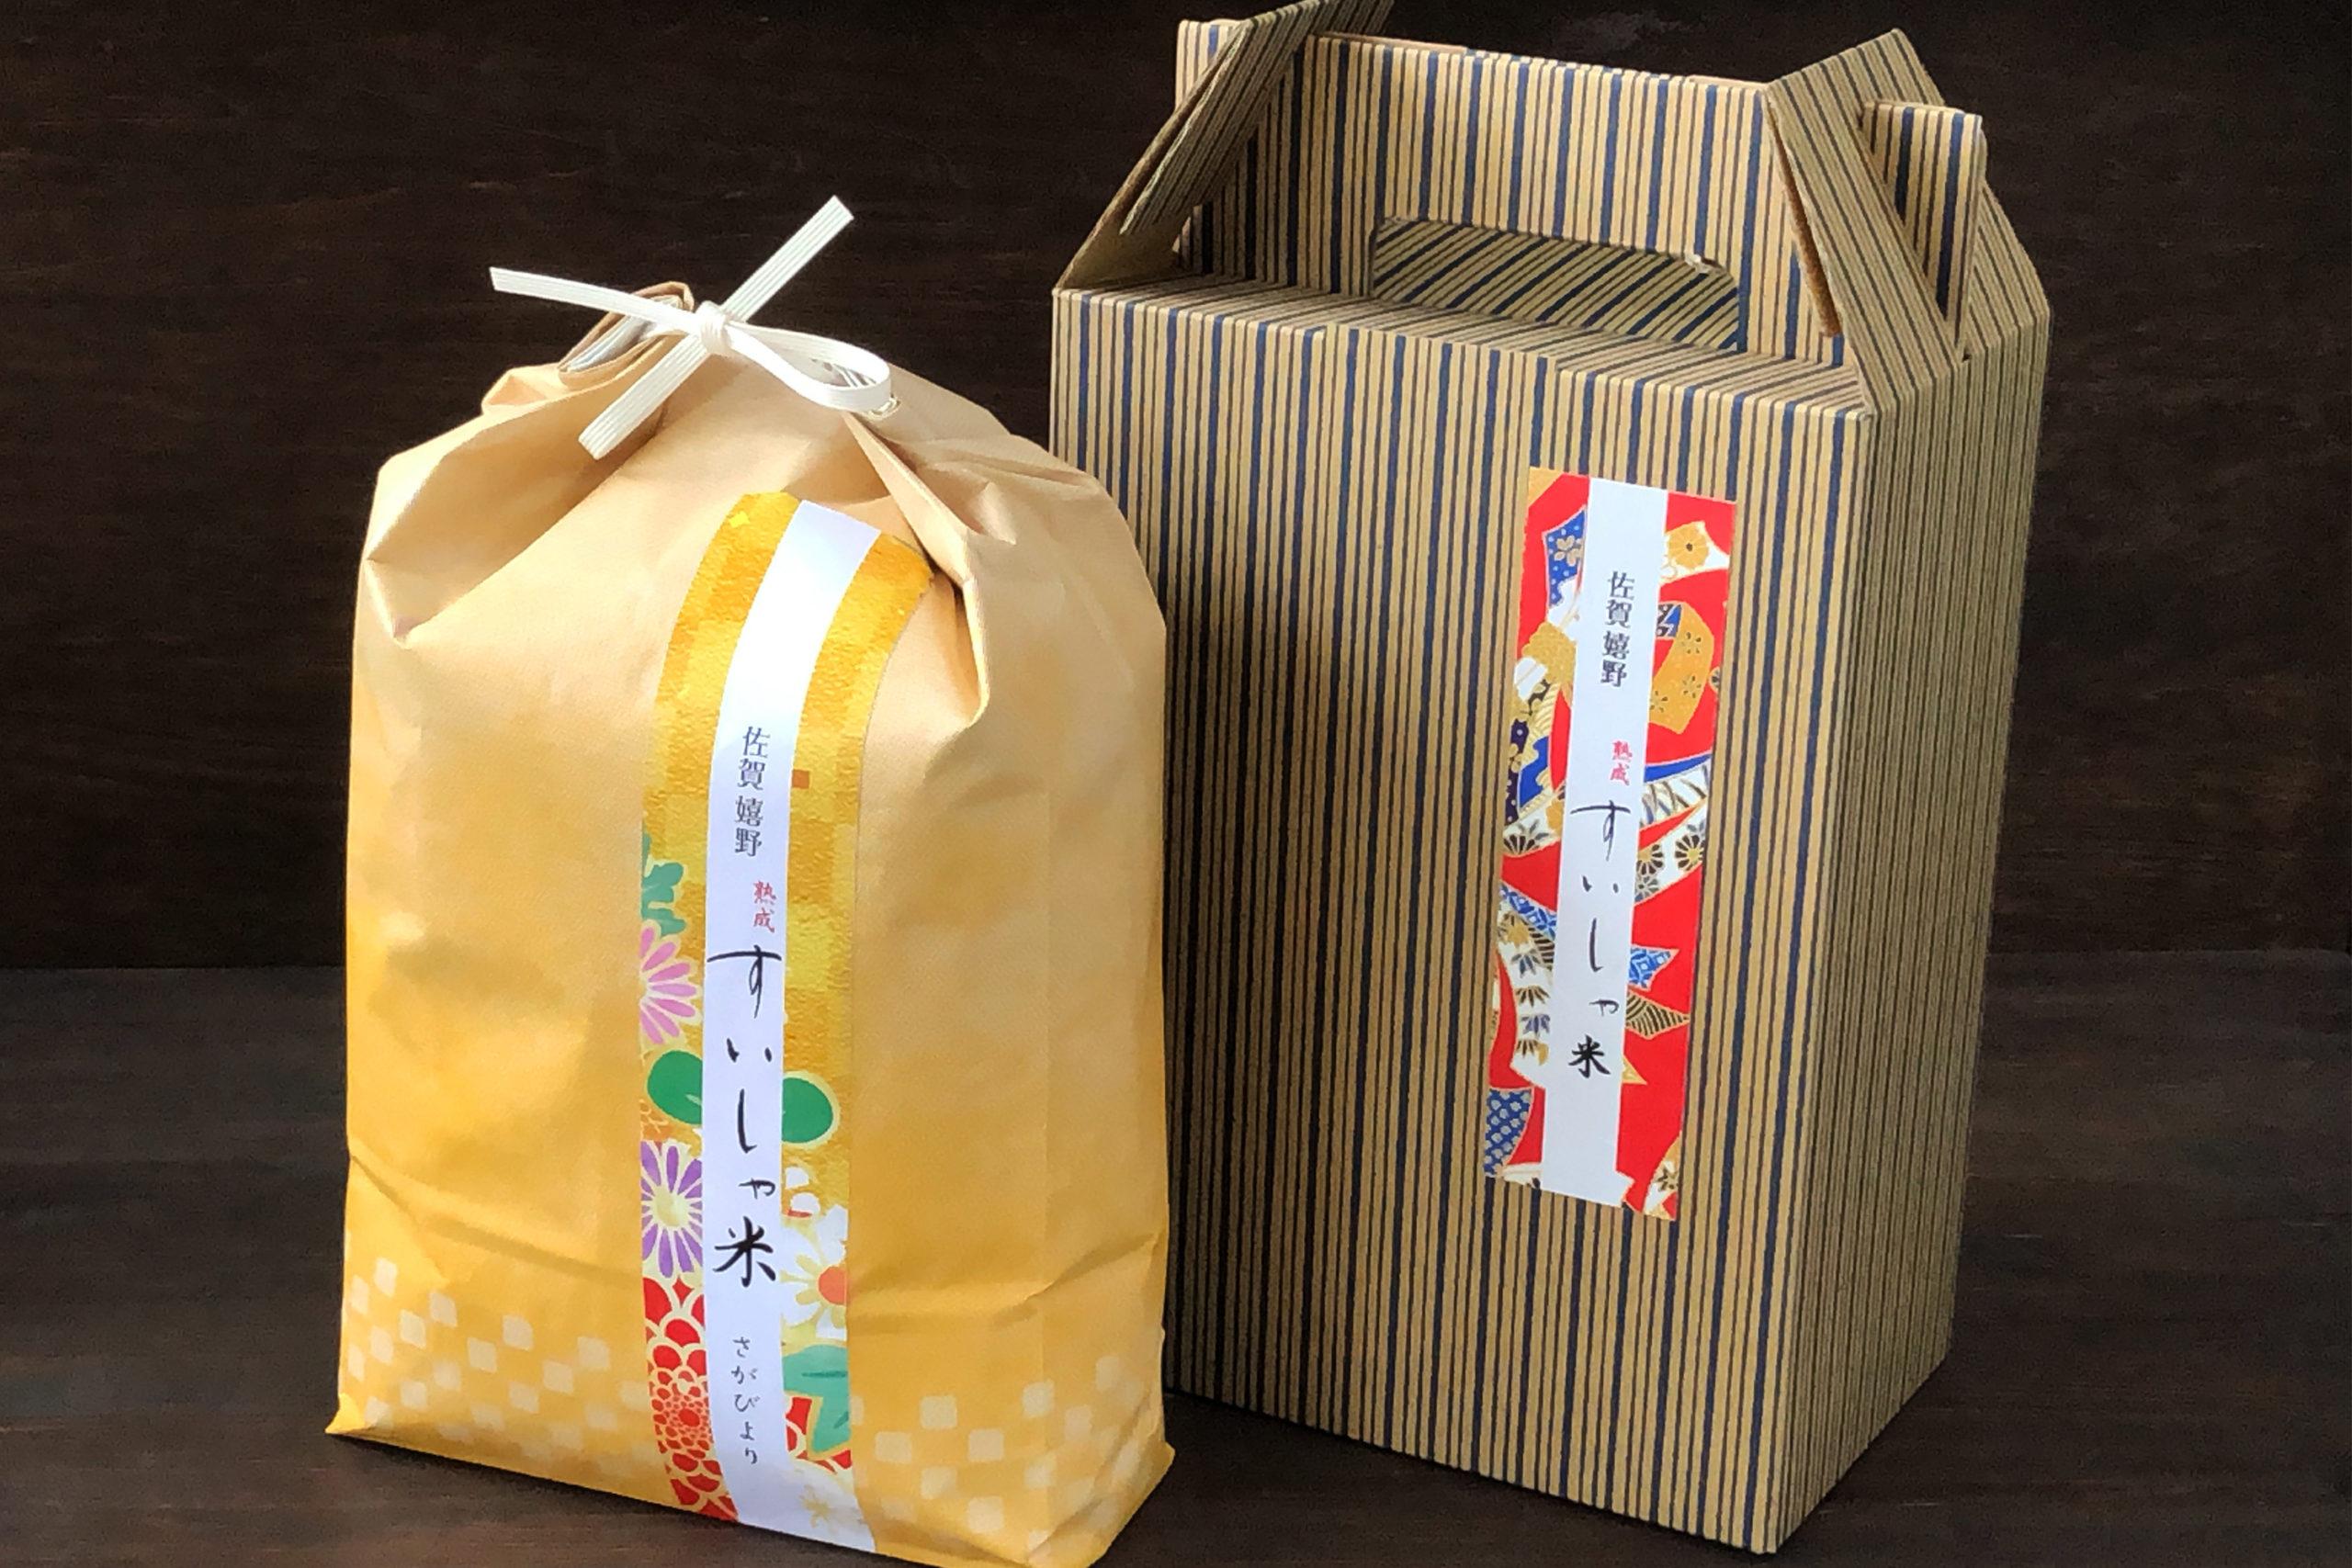 rg-gift5Kg